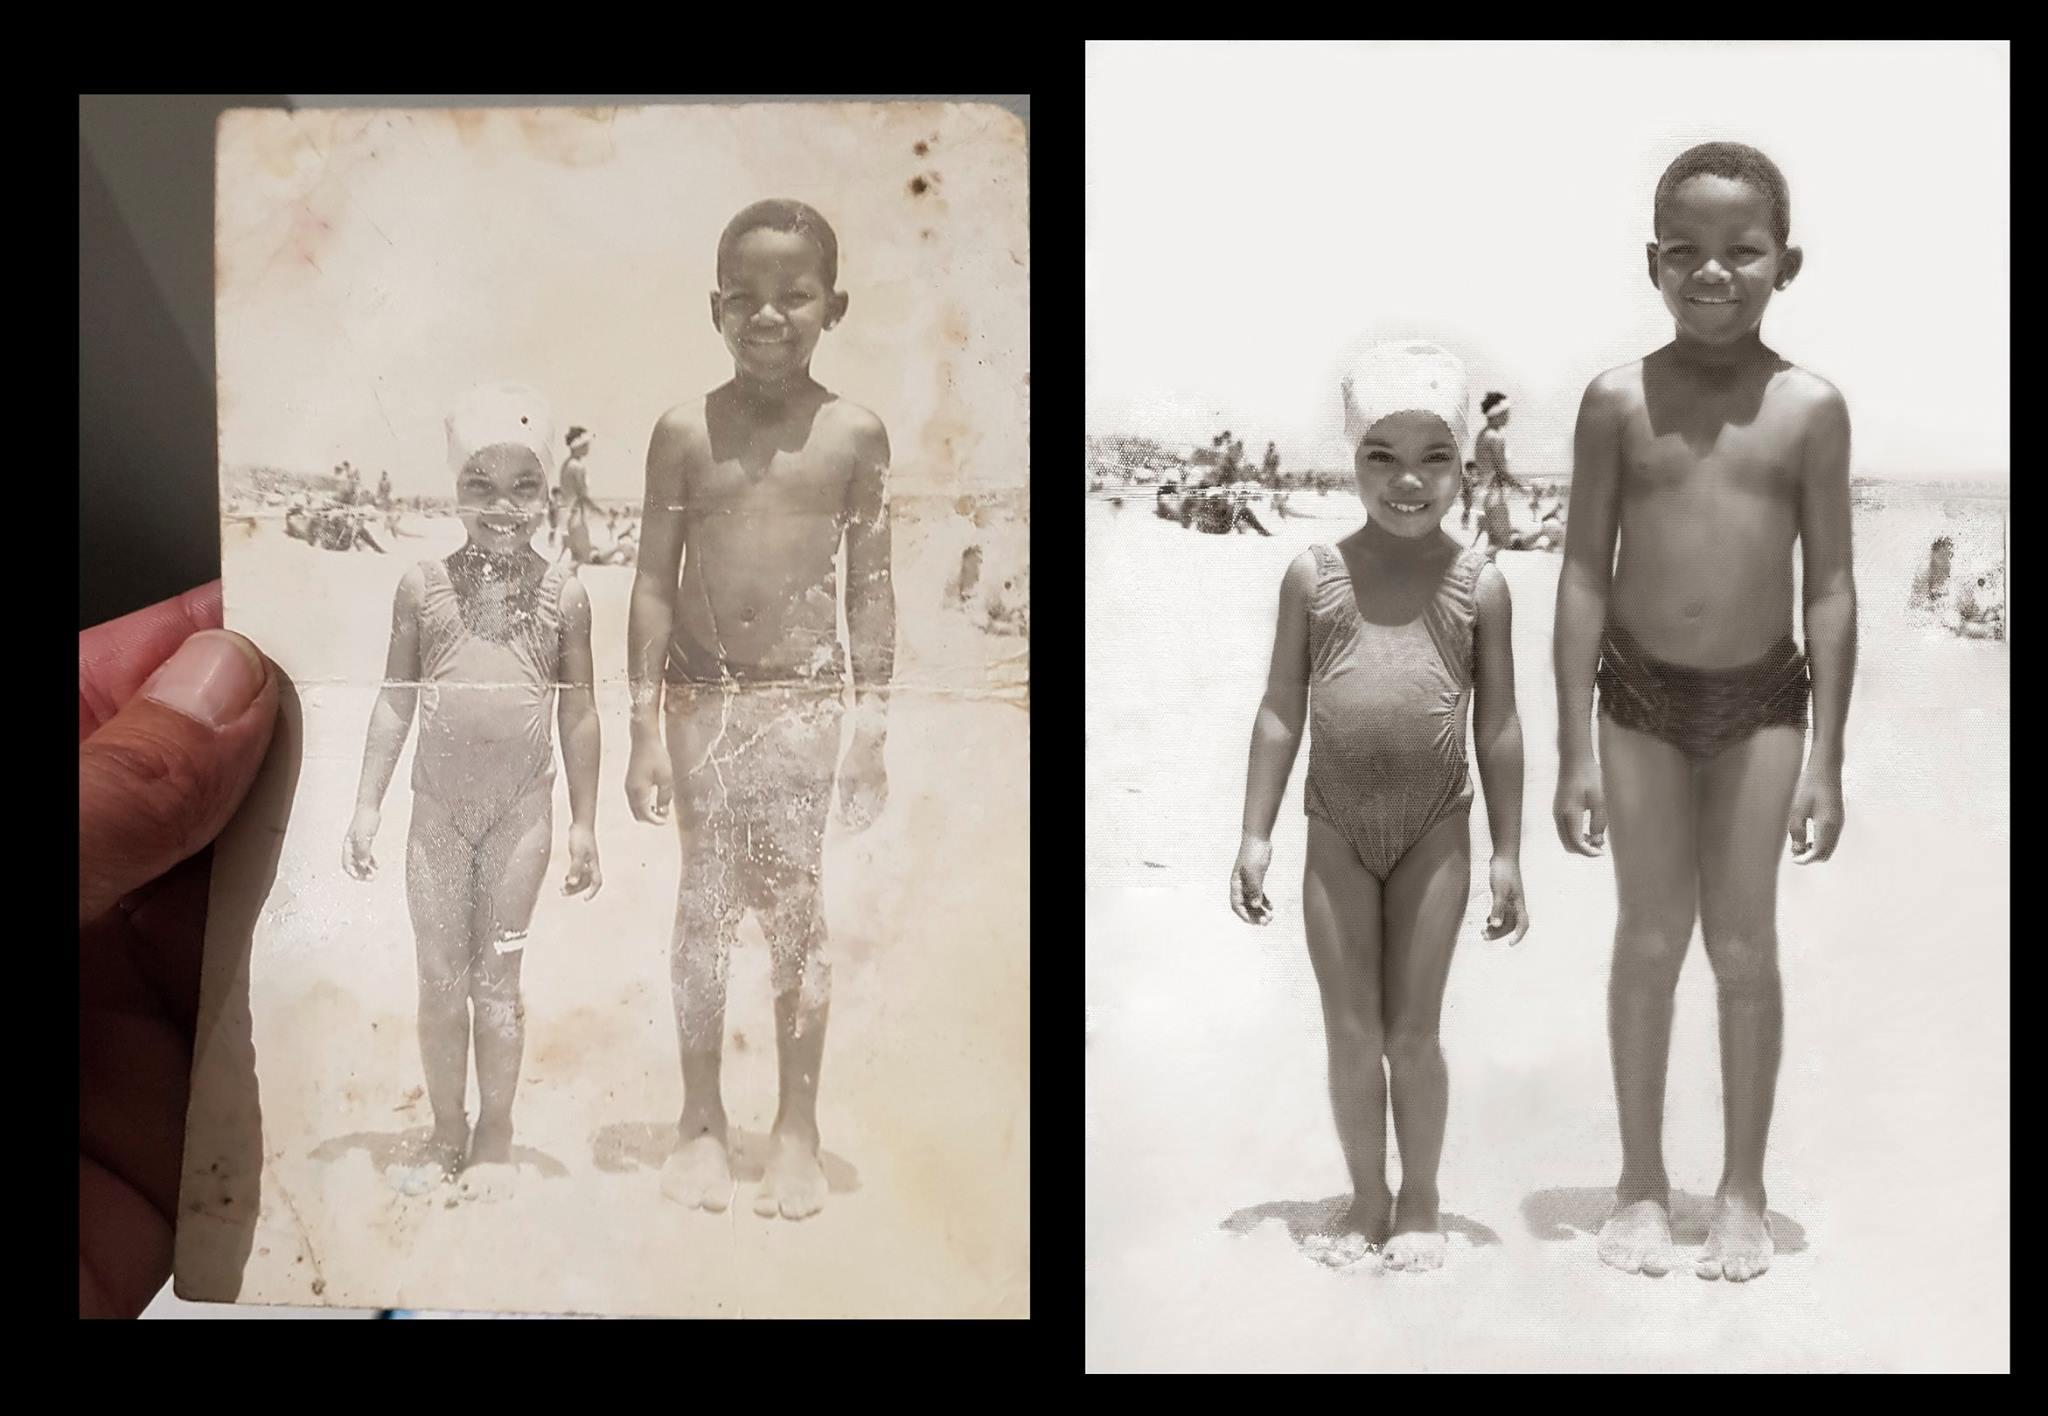 Recuperación de originales antiguos - Fotógrafos Cambre, El Burgo, O Burgo, Pastor fotógrafos, Restauración fotografía antigua. Recuperación originales antiguos. fotos viejas. negativos.